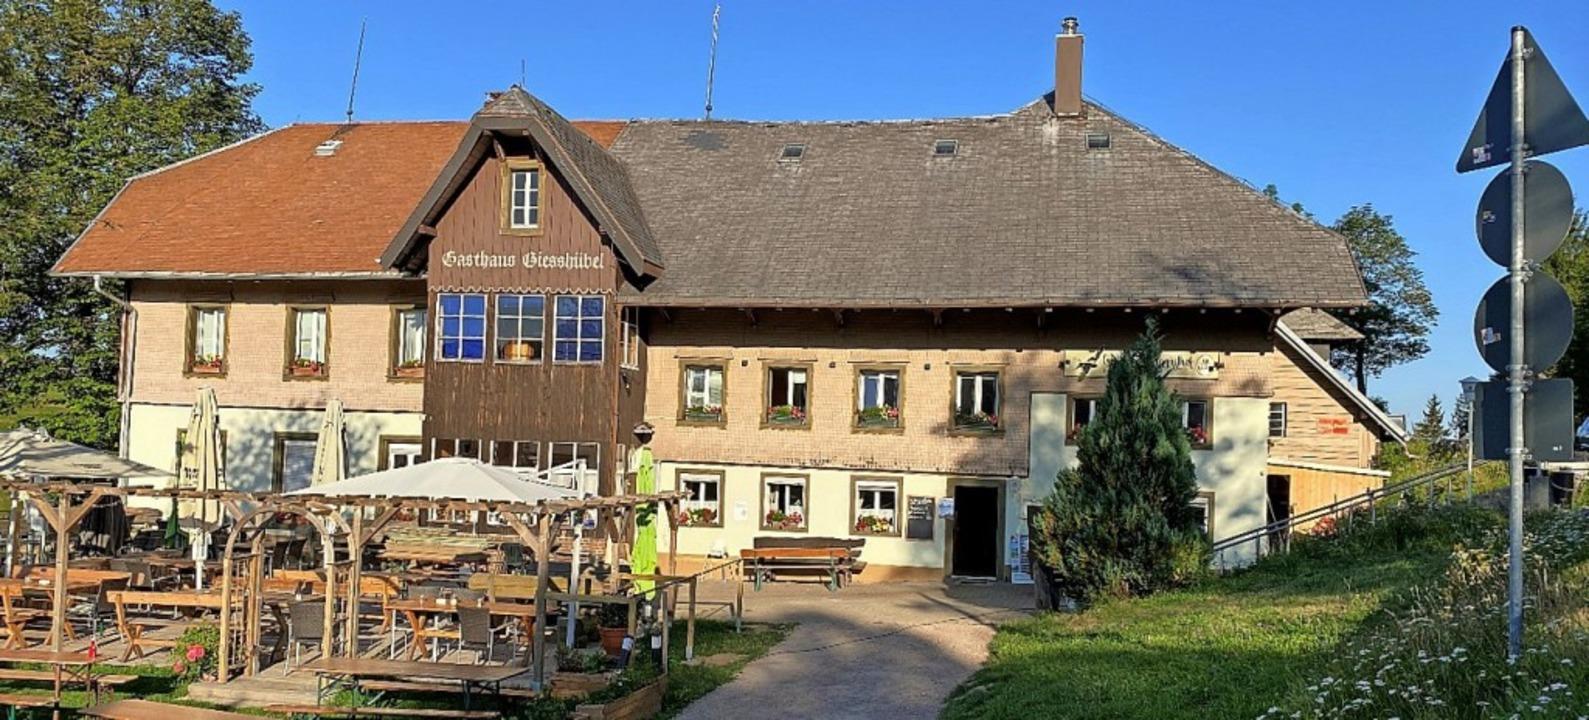 Das Gasthaus Gießhübel auf dem Stohren wie es sich derzeit präsentiert.  | Foto: Gemeinde Münstertal